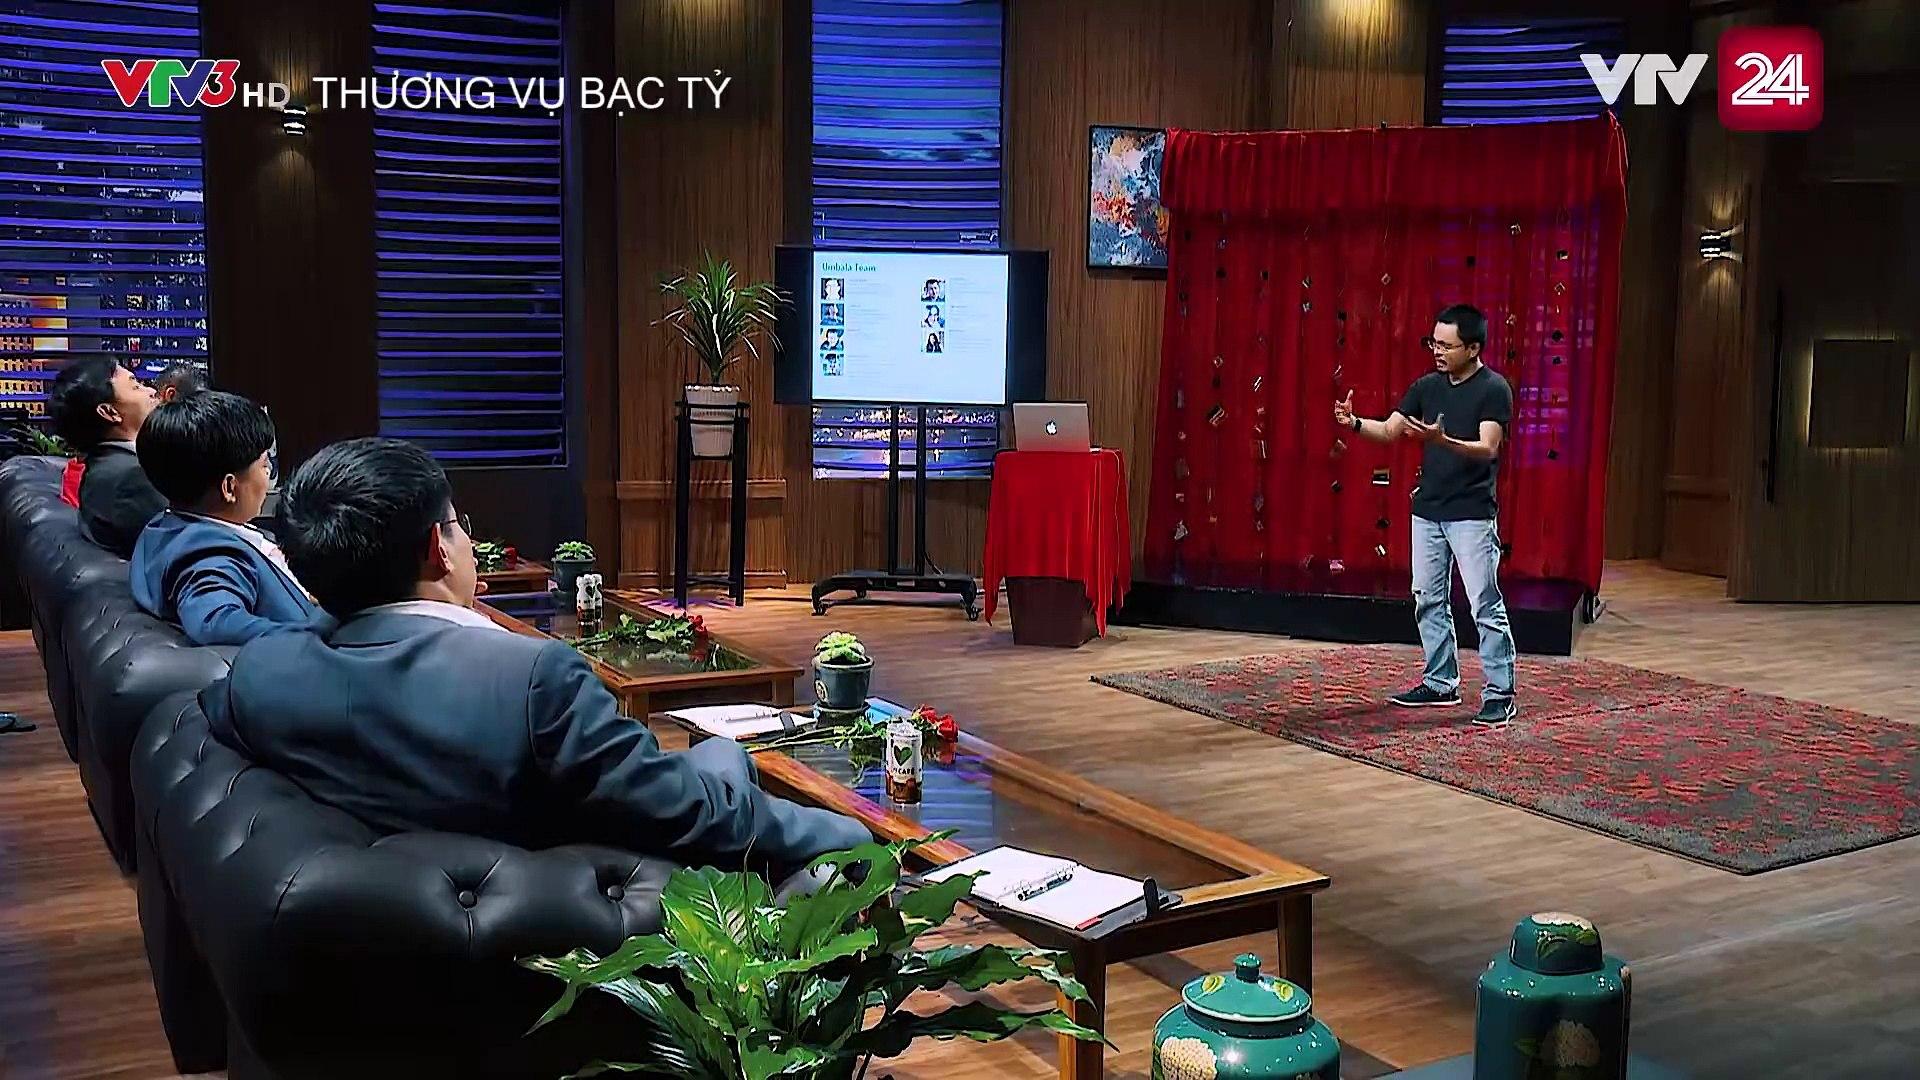 Thương Vụ Bạc Tỷ Tập 9 Full HD l Shark Tank Việt Nam l Thích chất điên điên của start-up, Shark Thủy